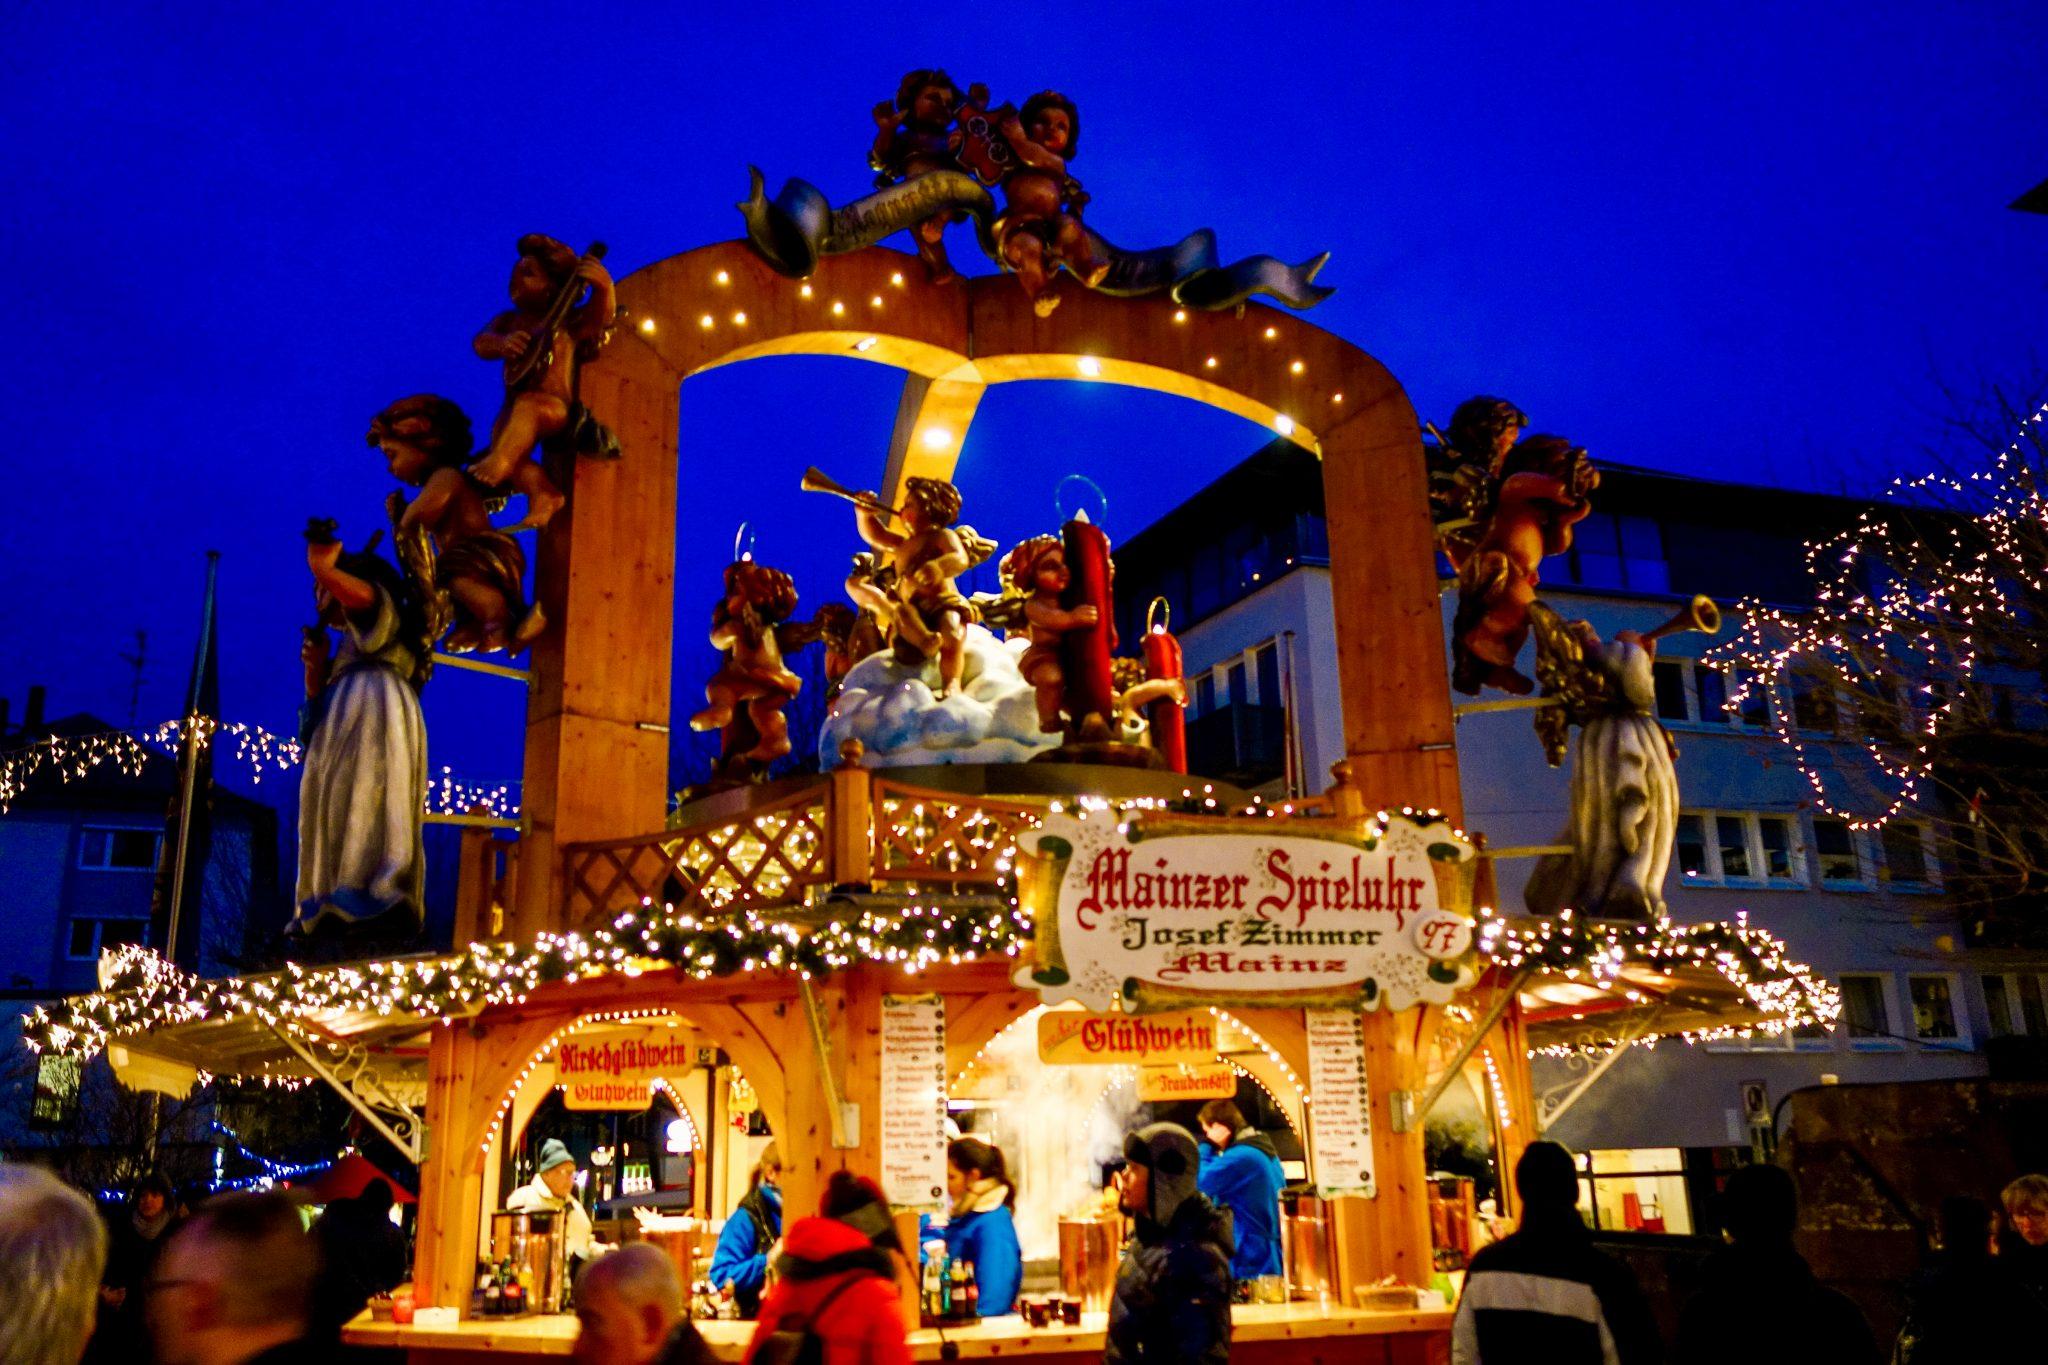 Mainzer Weihnachtsmarkt: Die Engelsfiguren drehen sich im Kreis - und das bei herrlicher Musik.